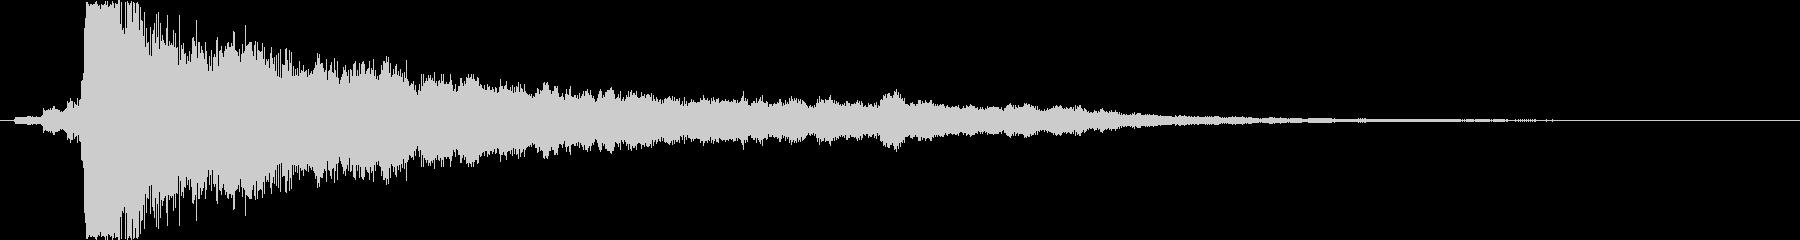 キラーン(アルペジオ効果音)1の未再生の波形